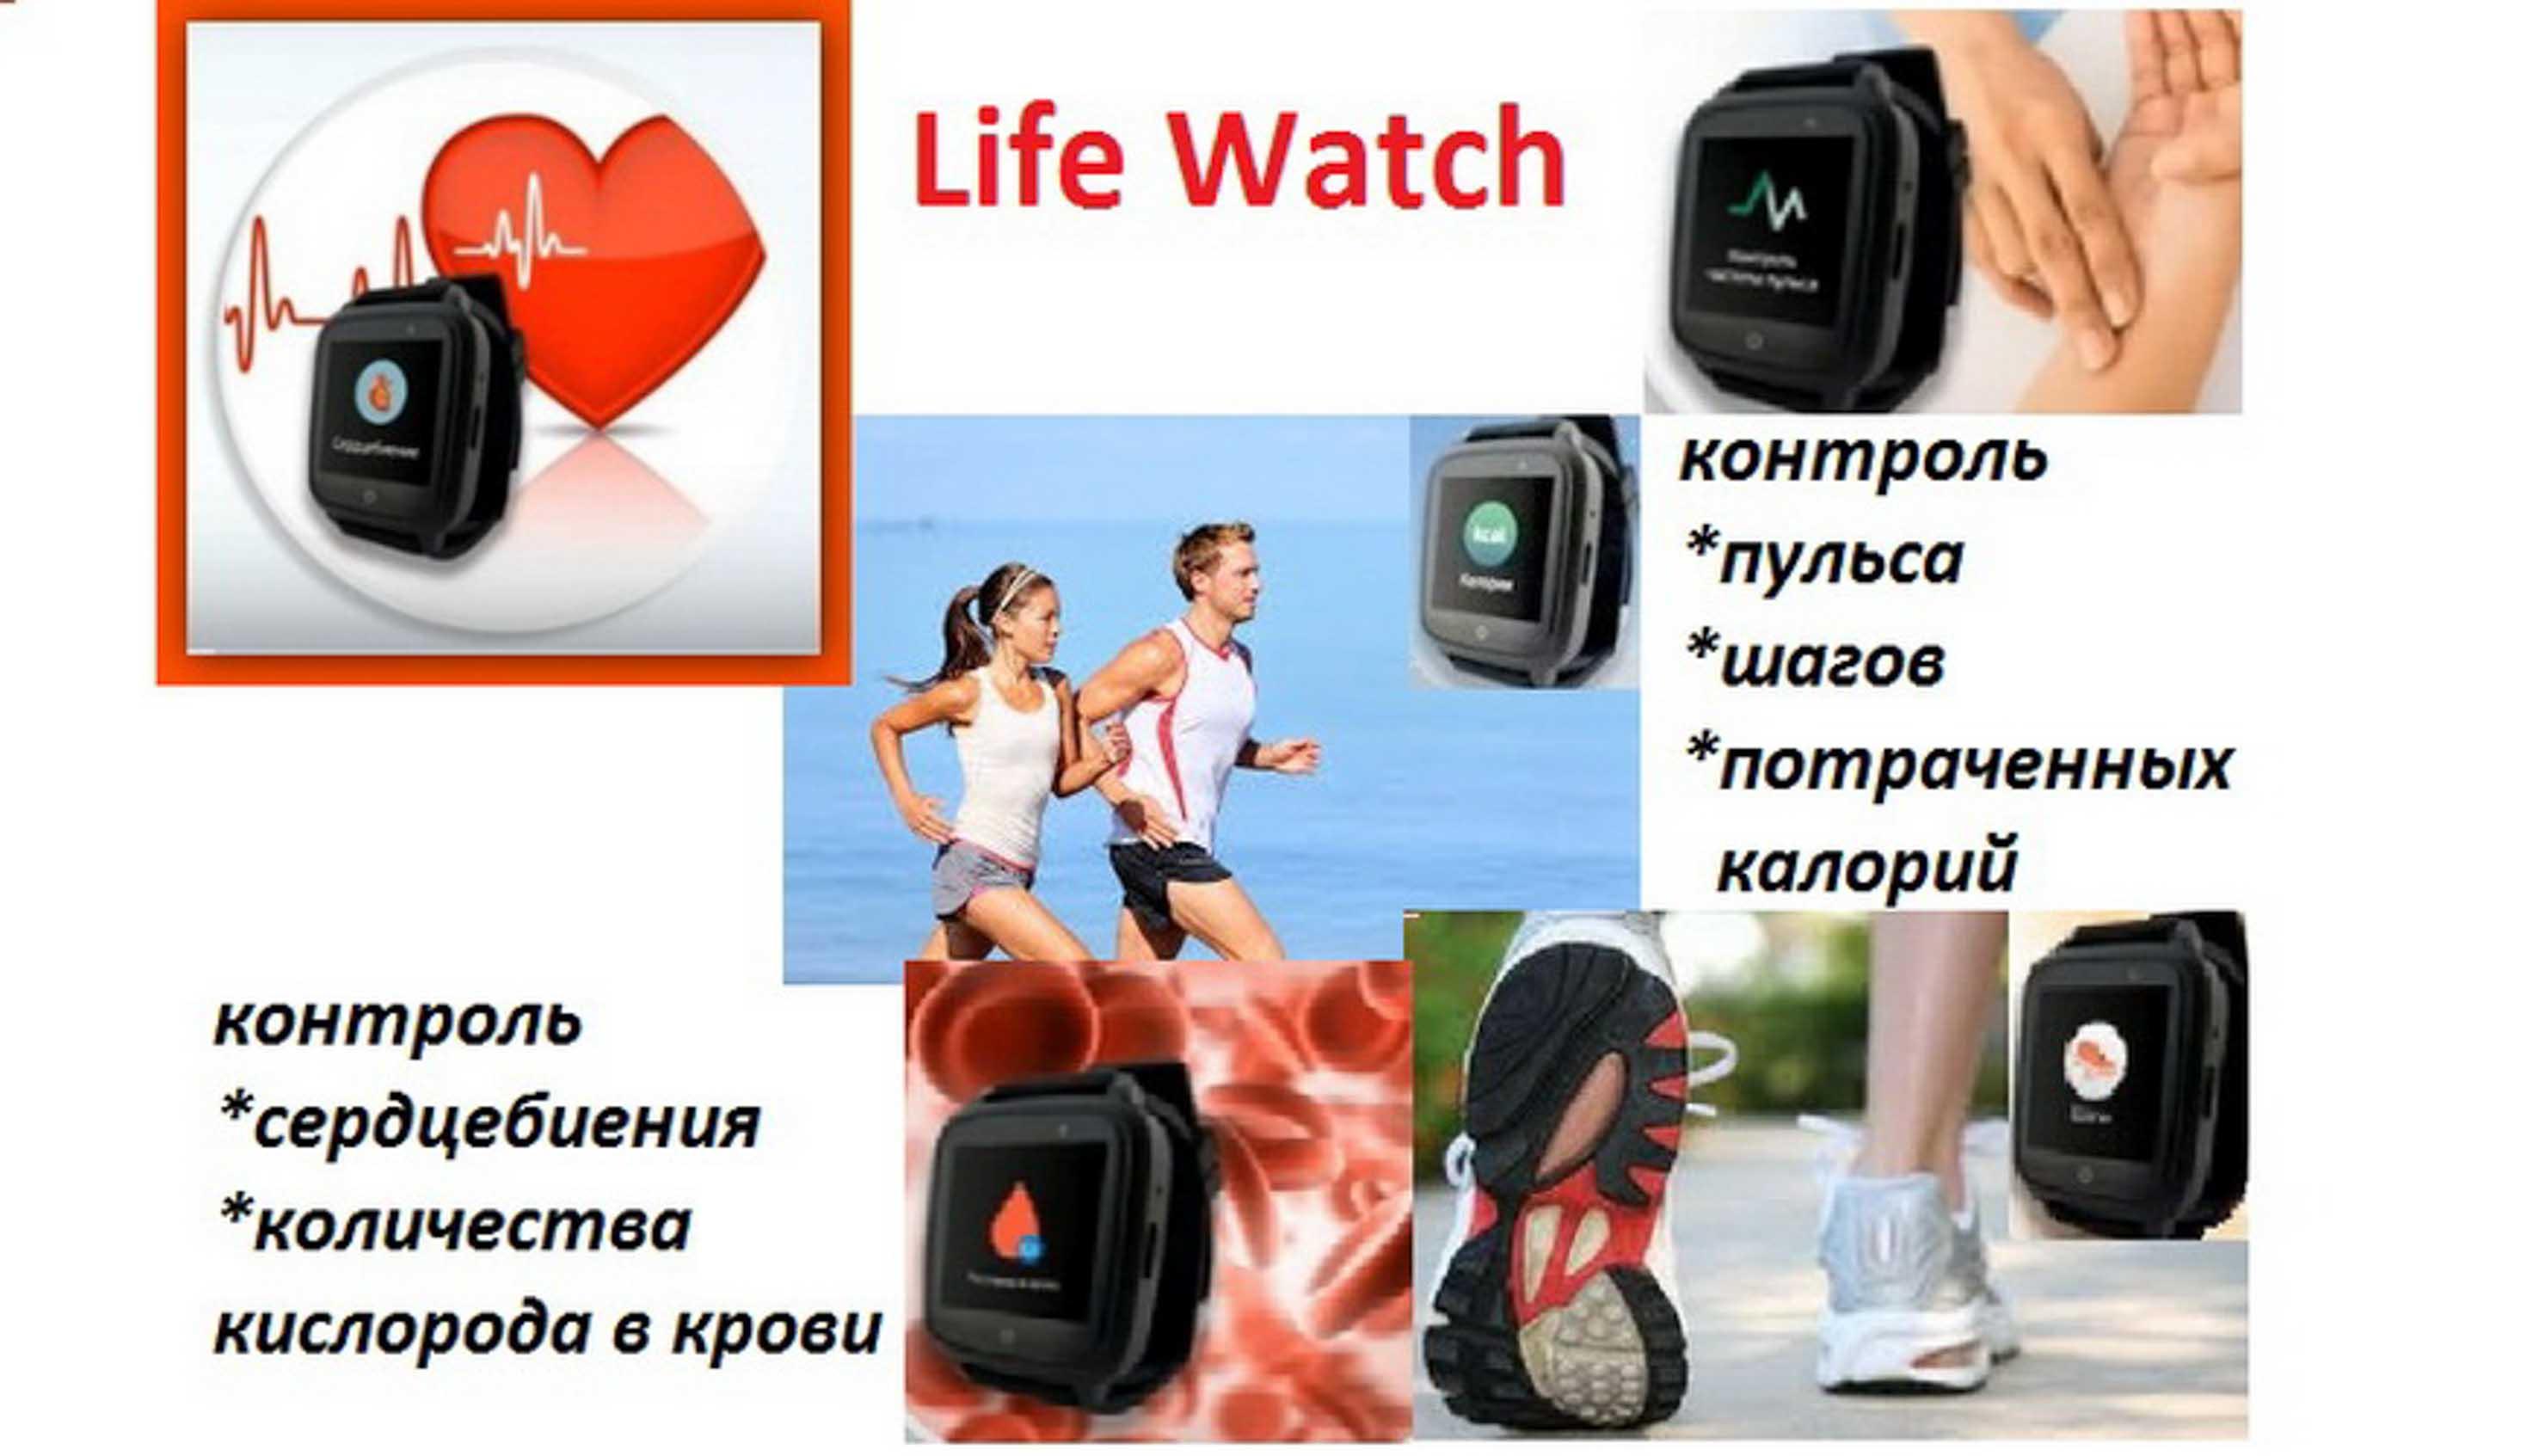 Смарт  часы Life Watch l Здоровье и удобство l Купить в Украине фото 7